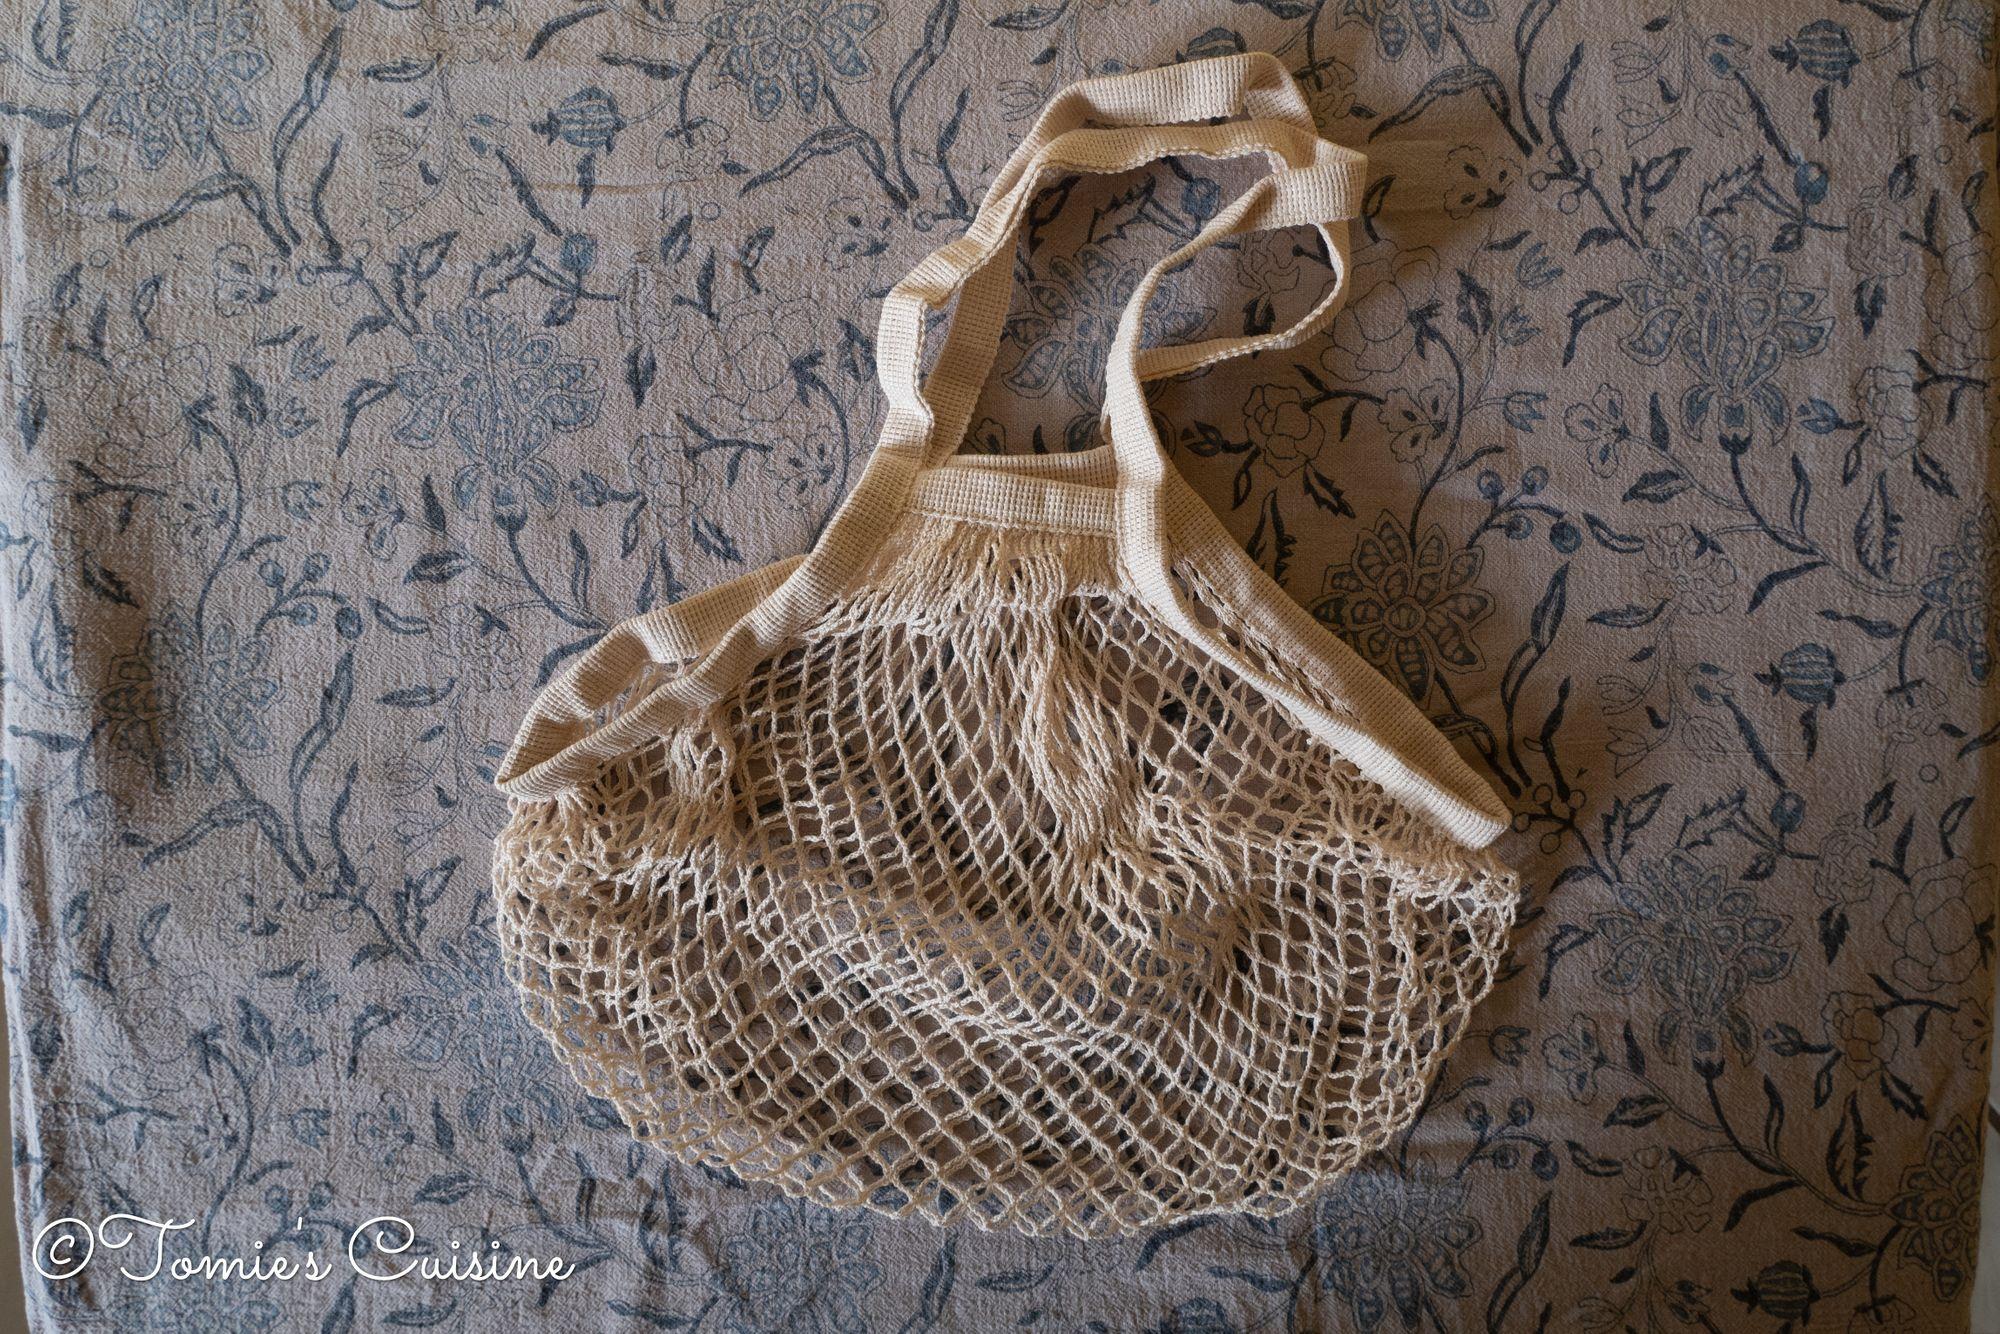 Verebio's net bag